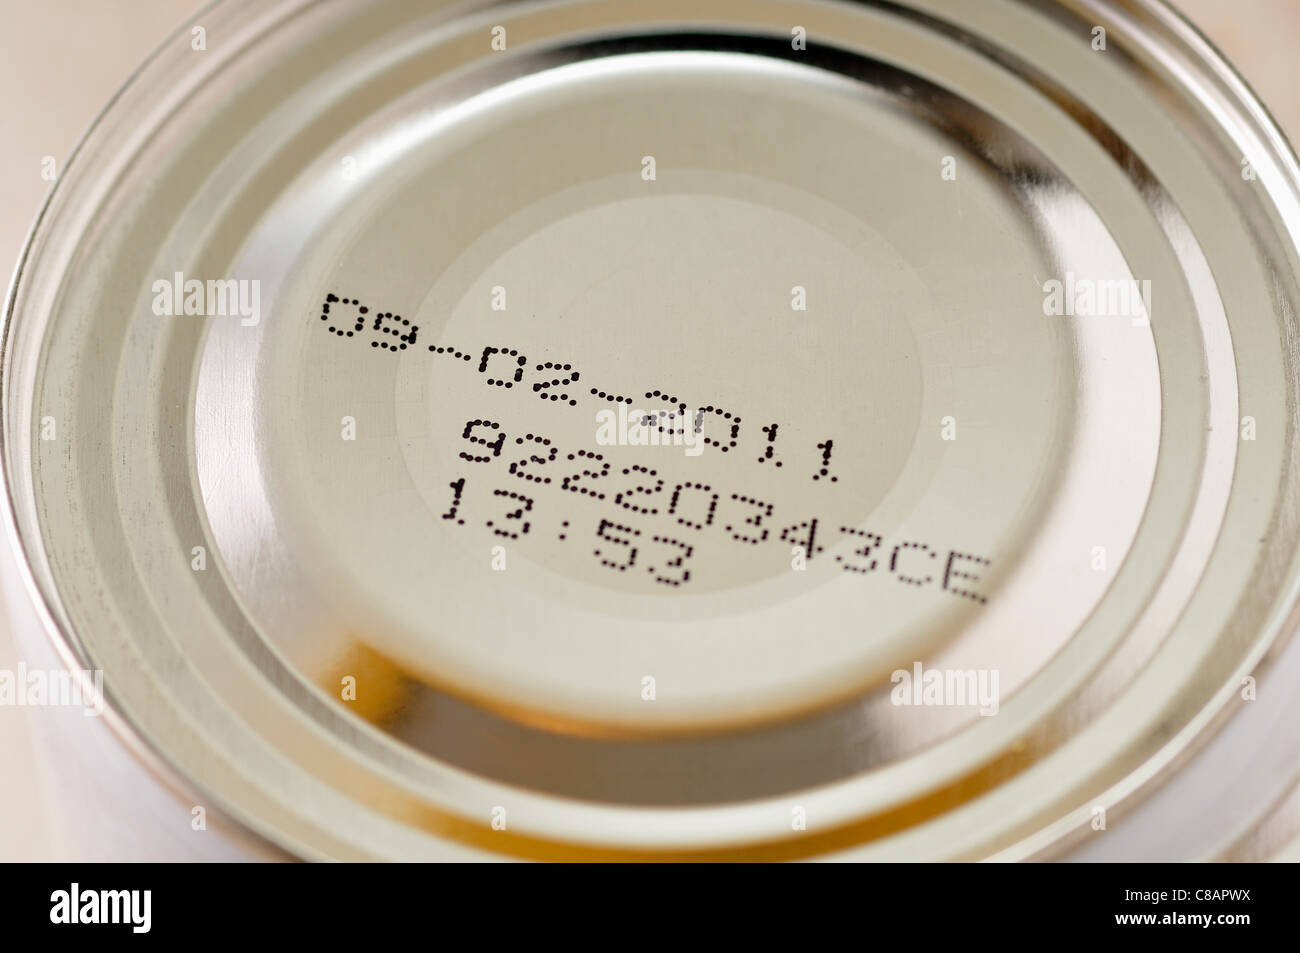 Fecha de consumo en una lata de comida Imagen De Stock